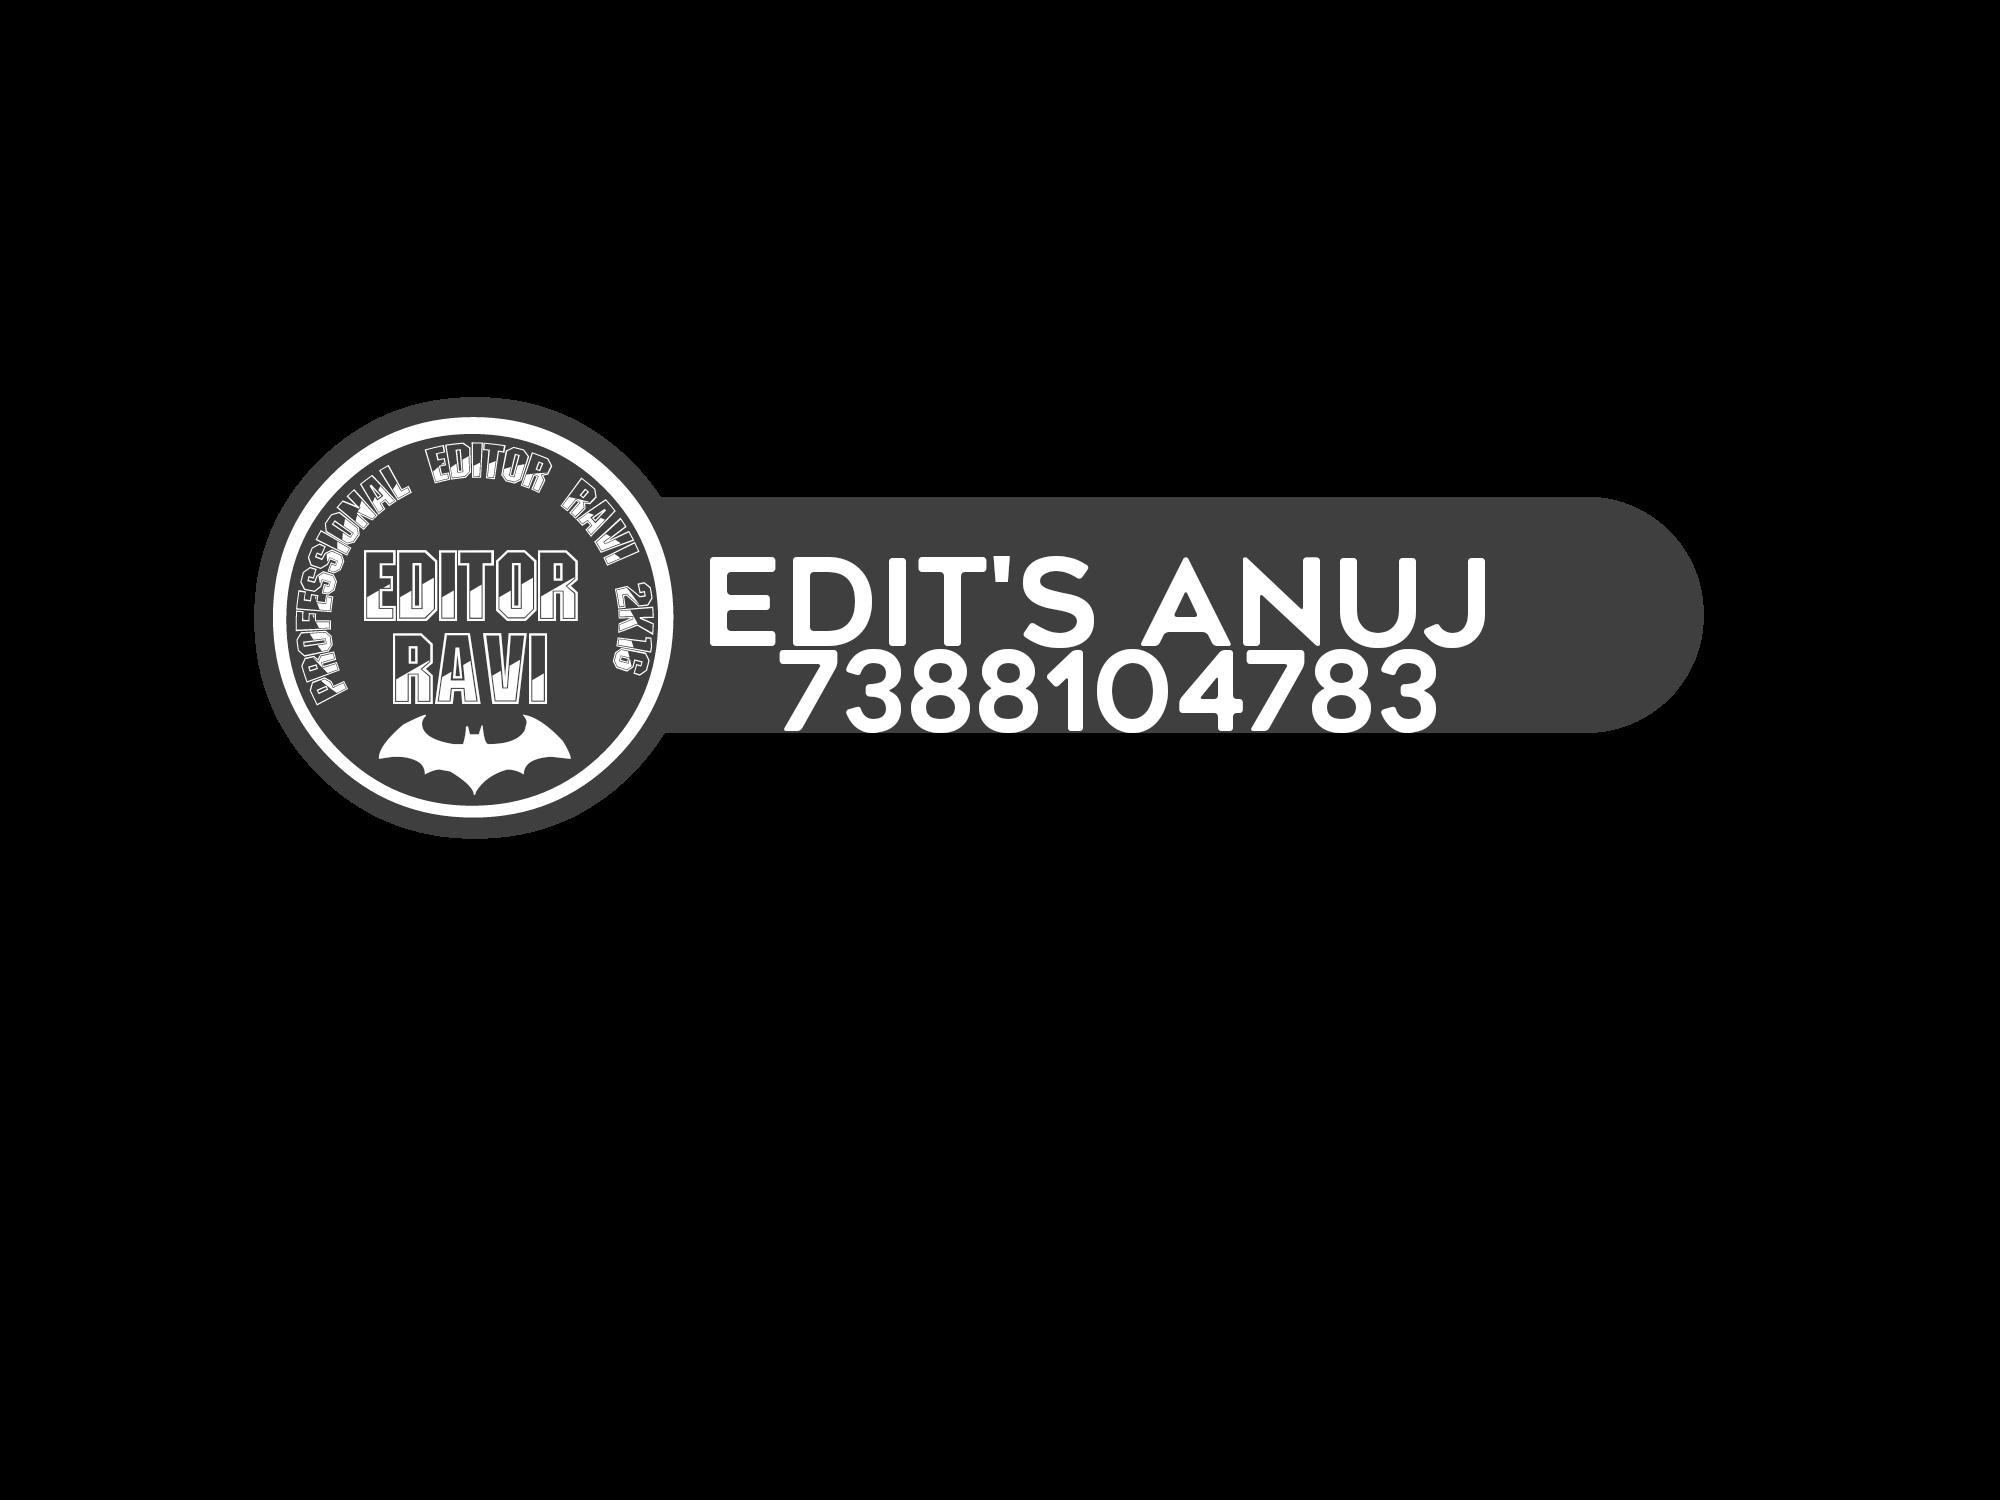 Ravieditor image. Edit png files